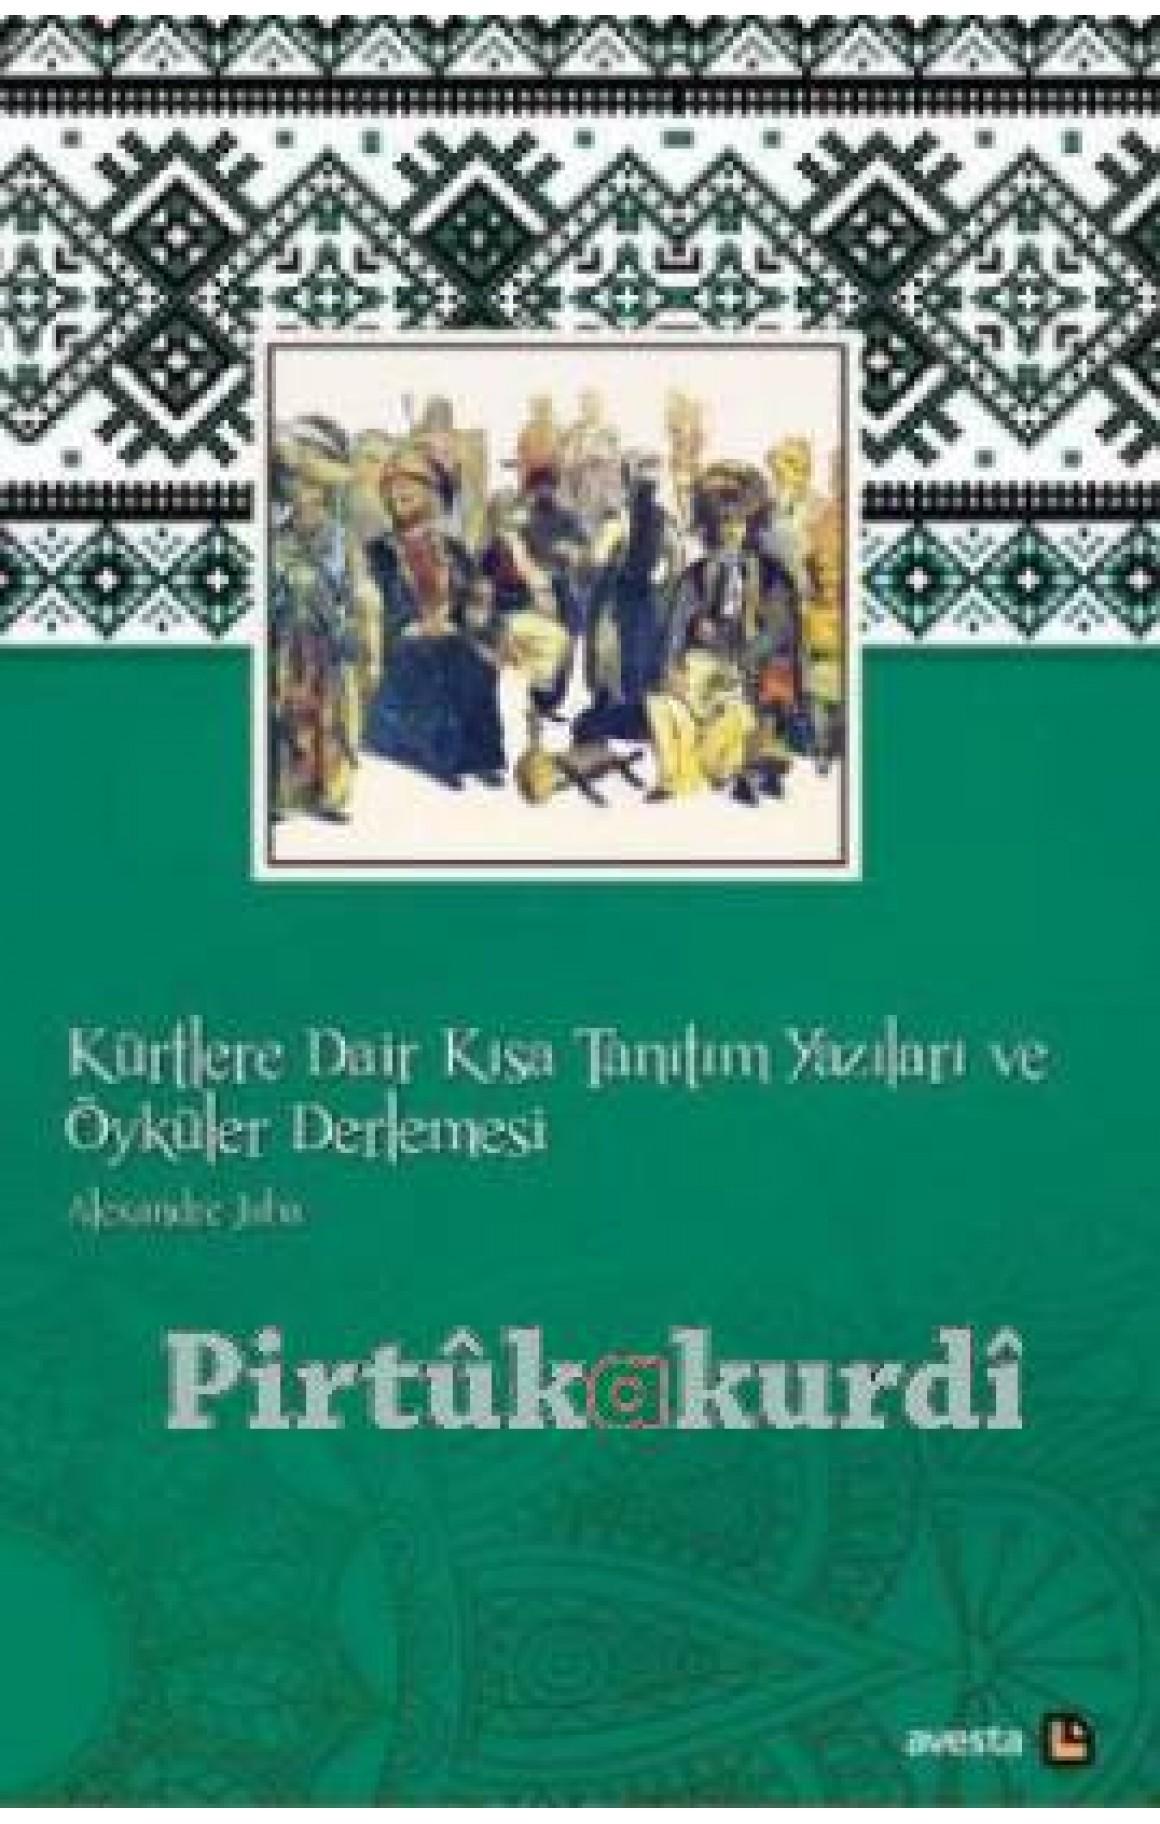 Kürtlere Dair Kısa Tanıtım Yazıları ve Öyküler Derlemesi